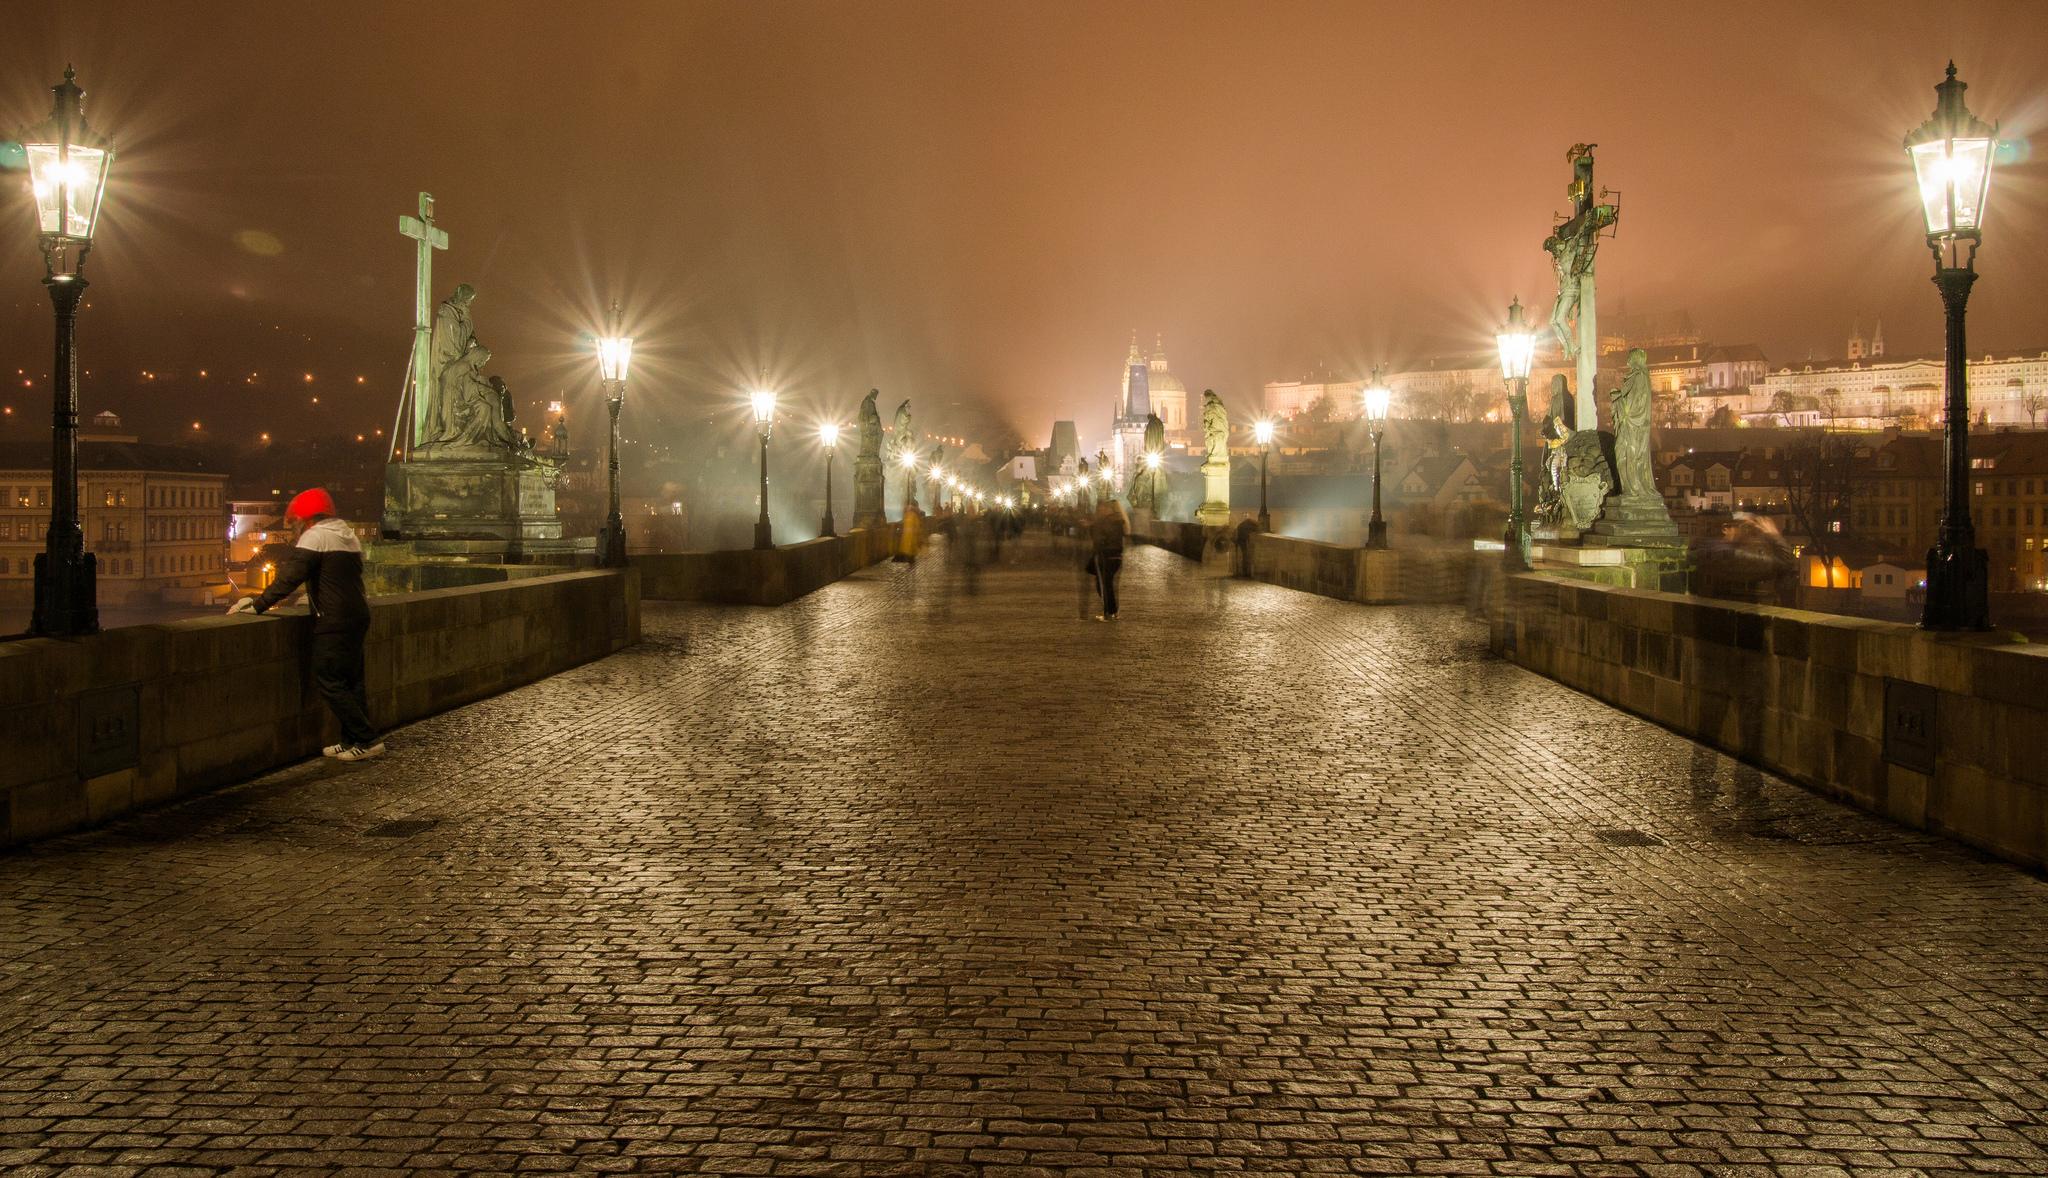 Puente al cementerio - 2048x1178